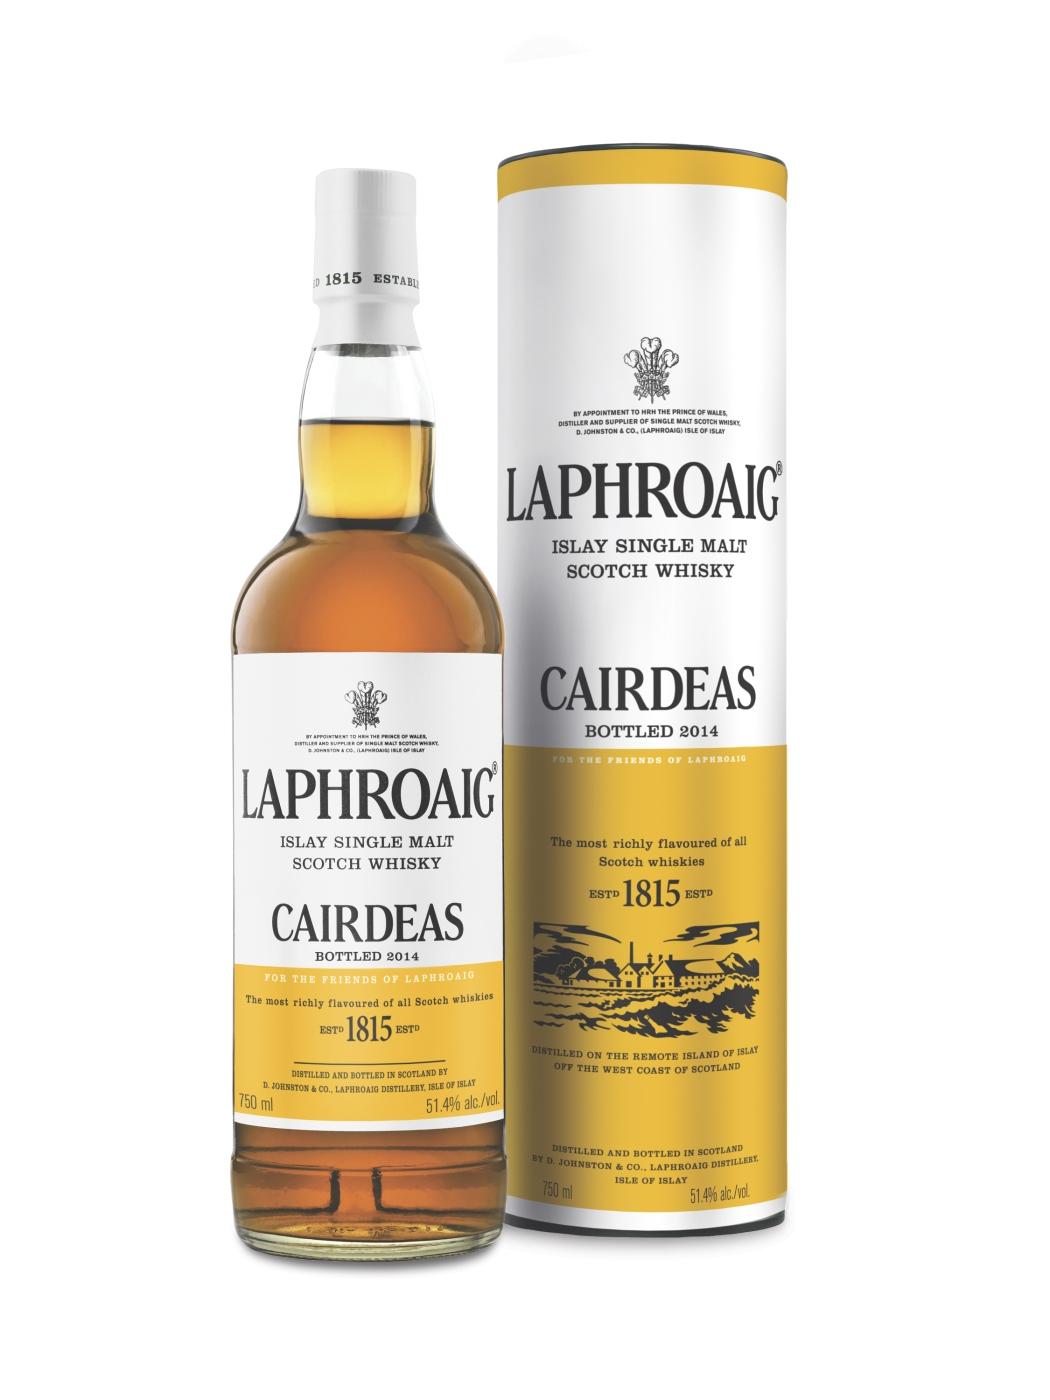 Laphroaig_Cairdeas-Amontillado-2014